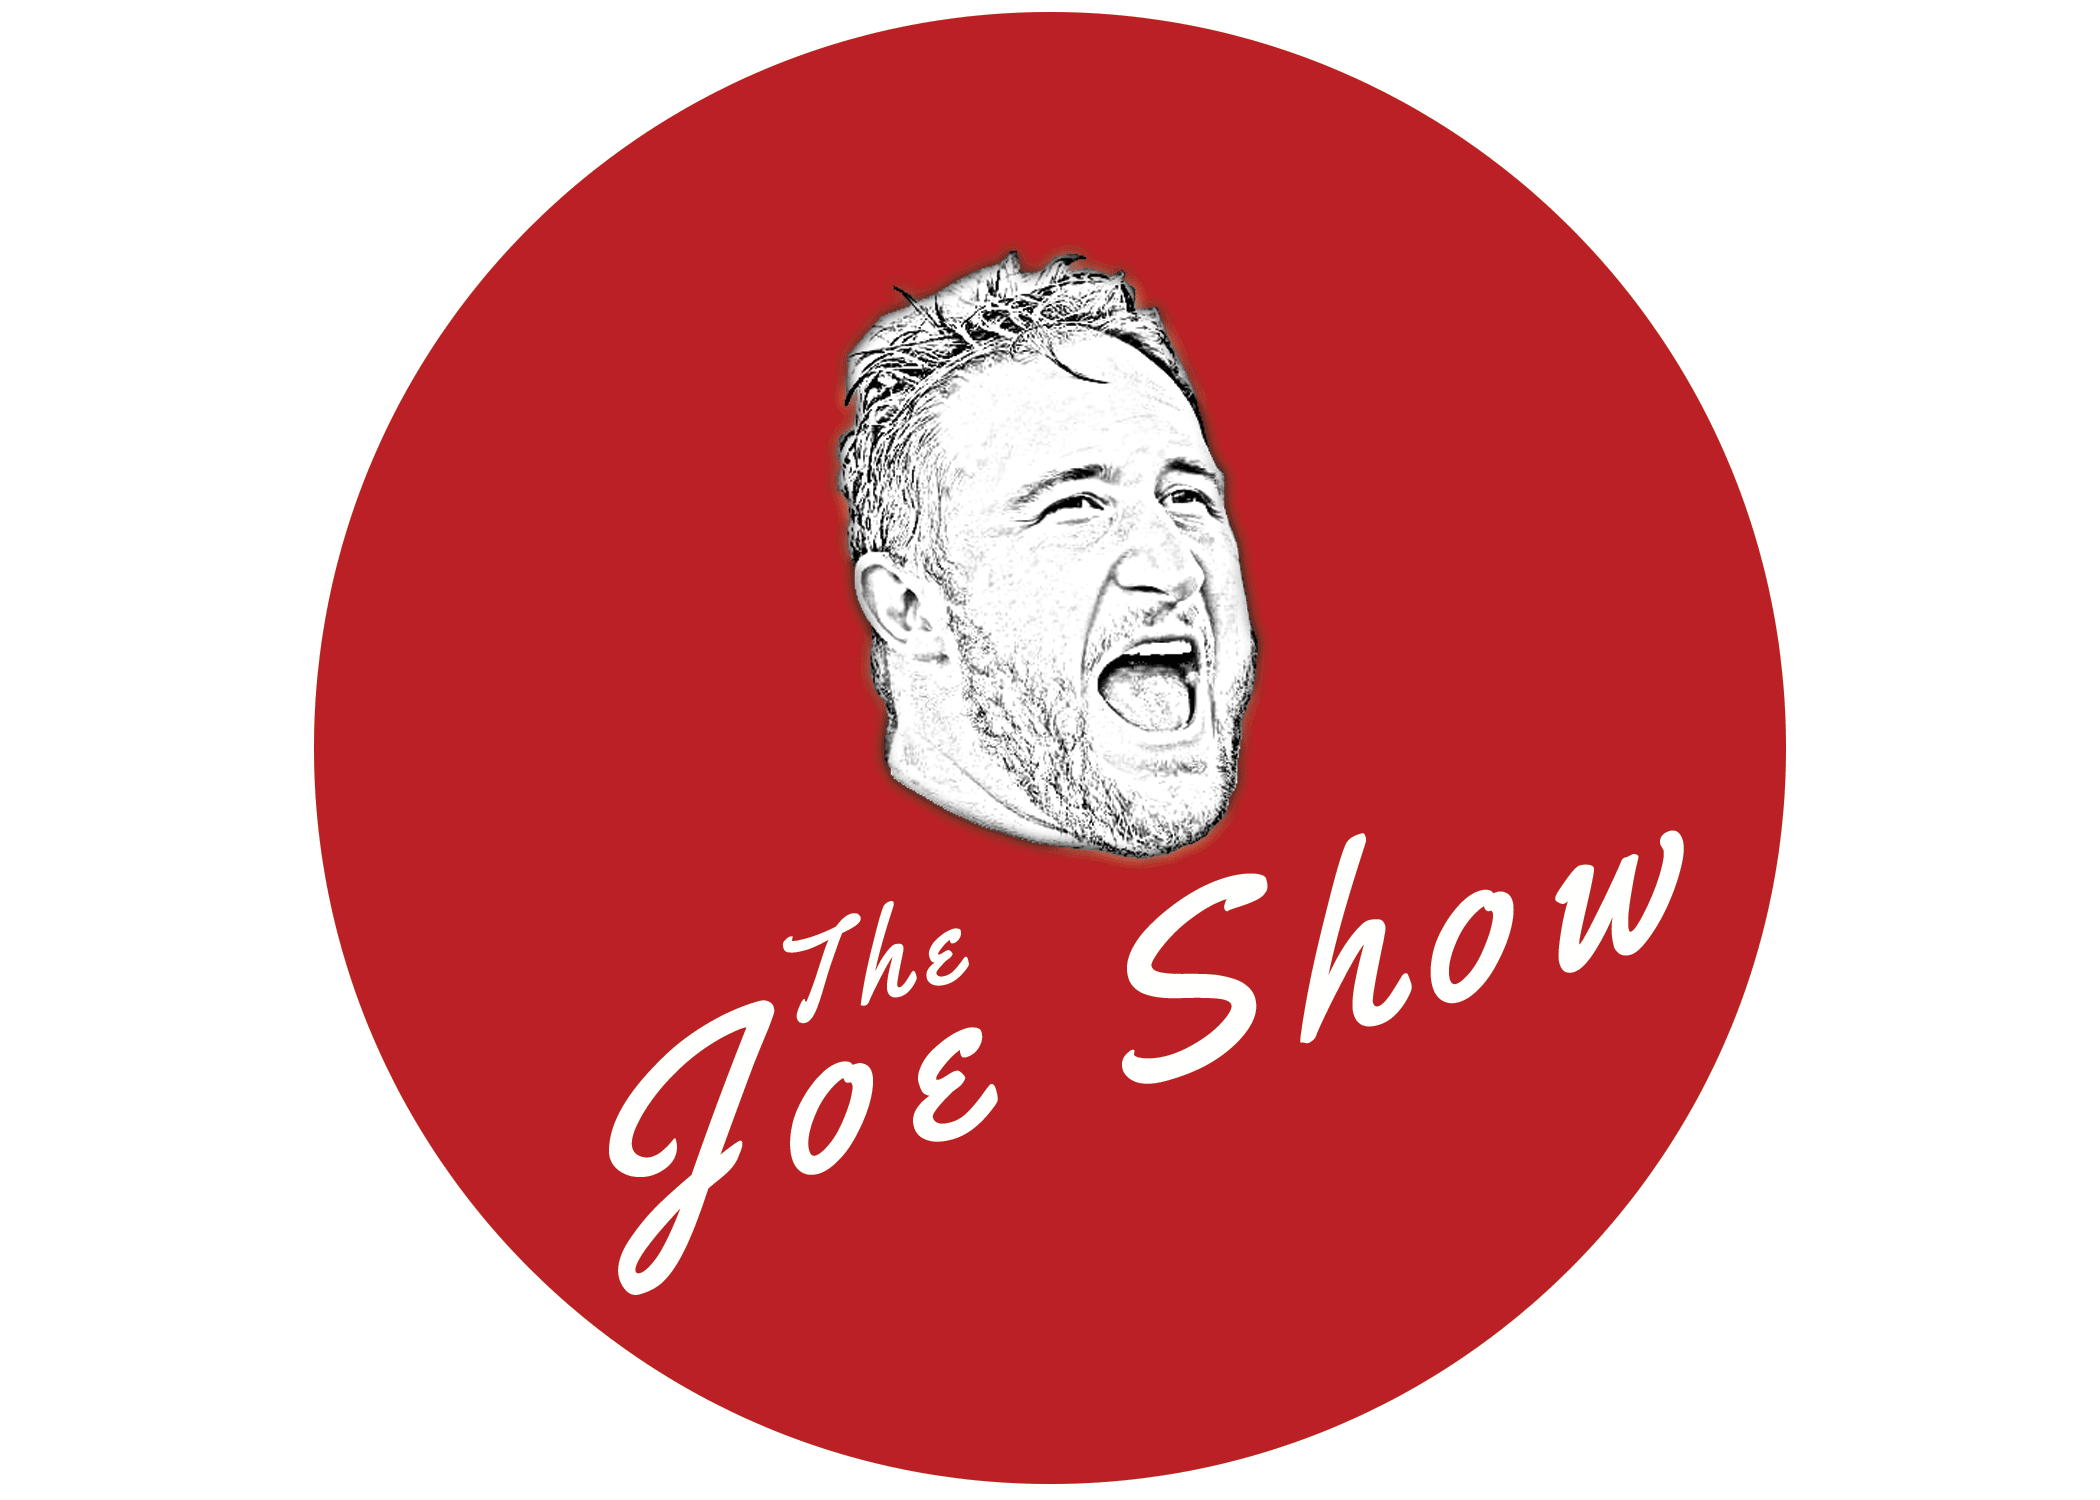 Joe-Show-yellowtail.png